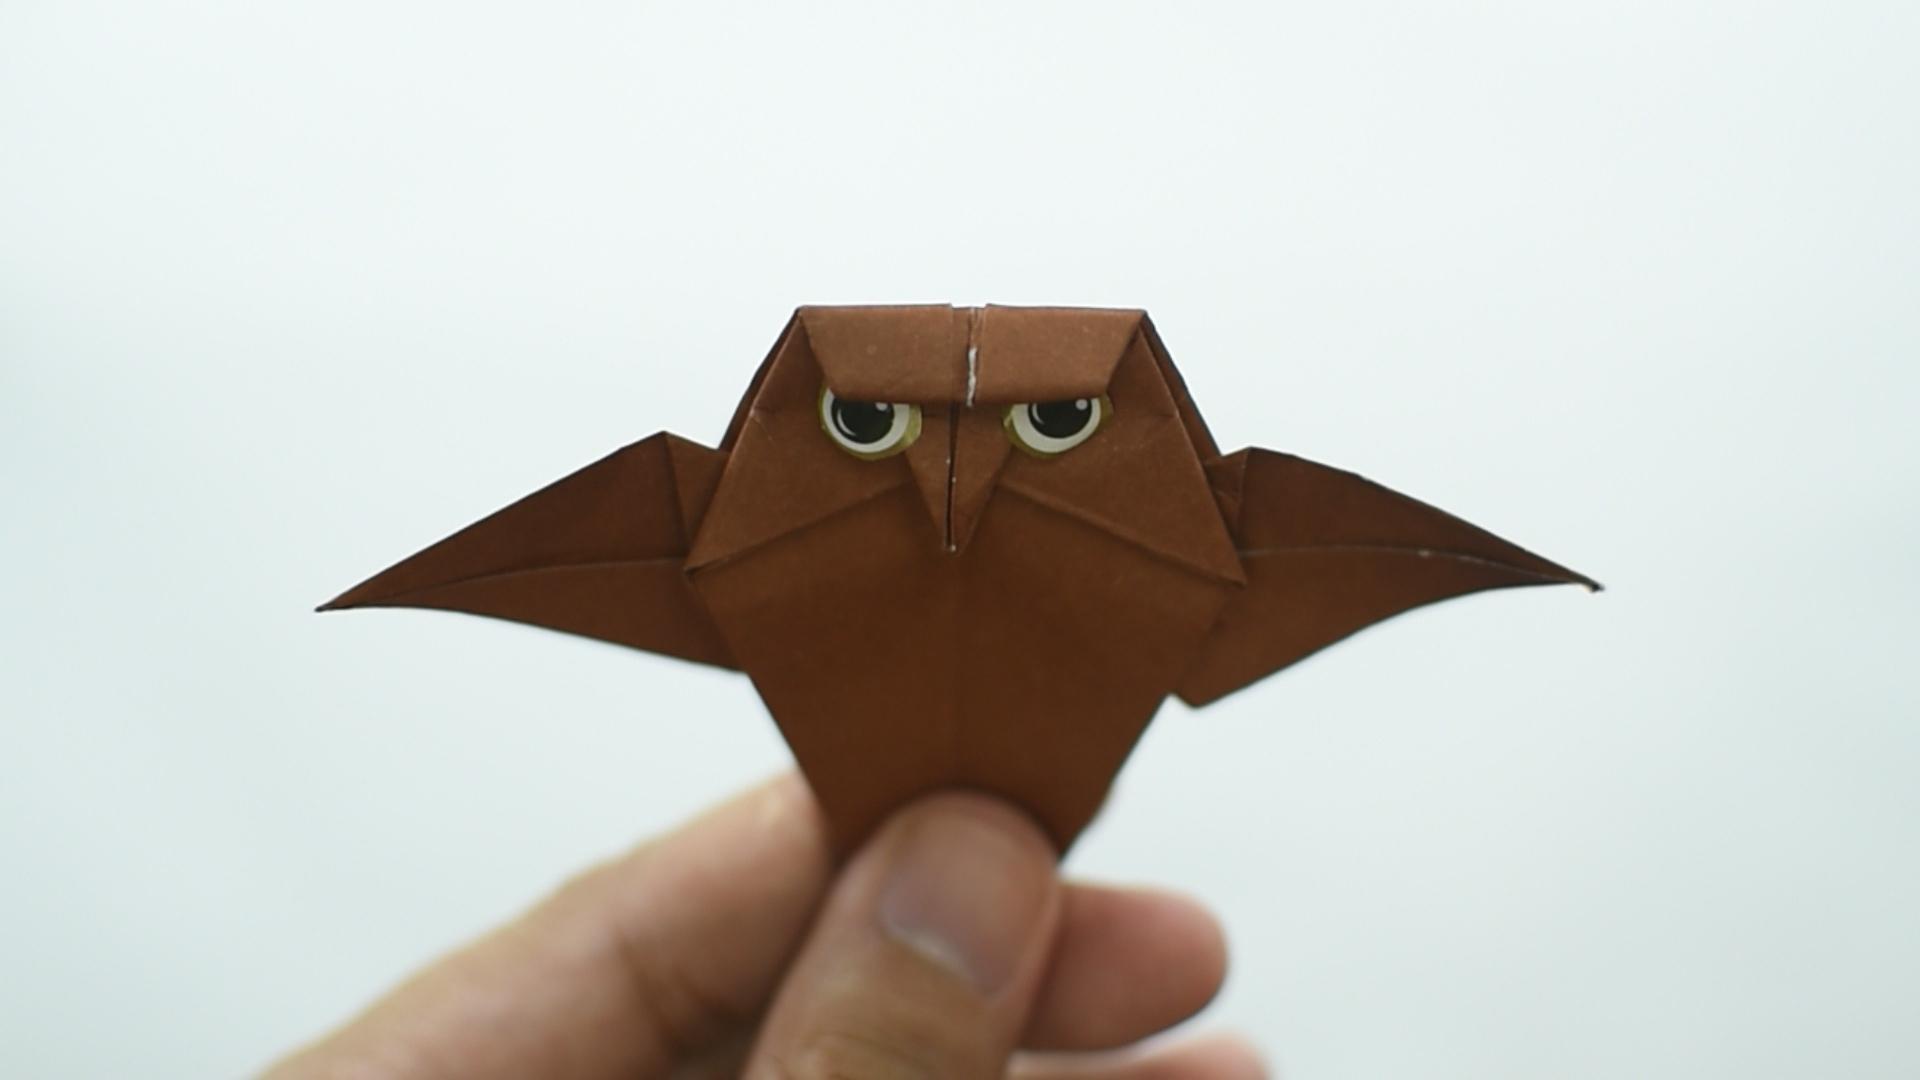 Comment Faire Une Chouette En Origami (Avec Images) pour Origami Facile A Faire En Français